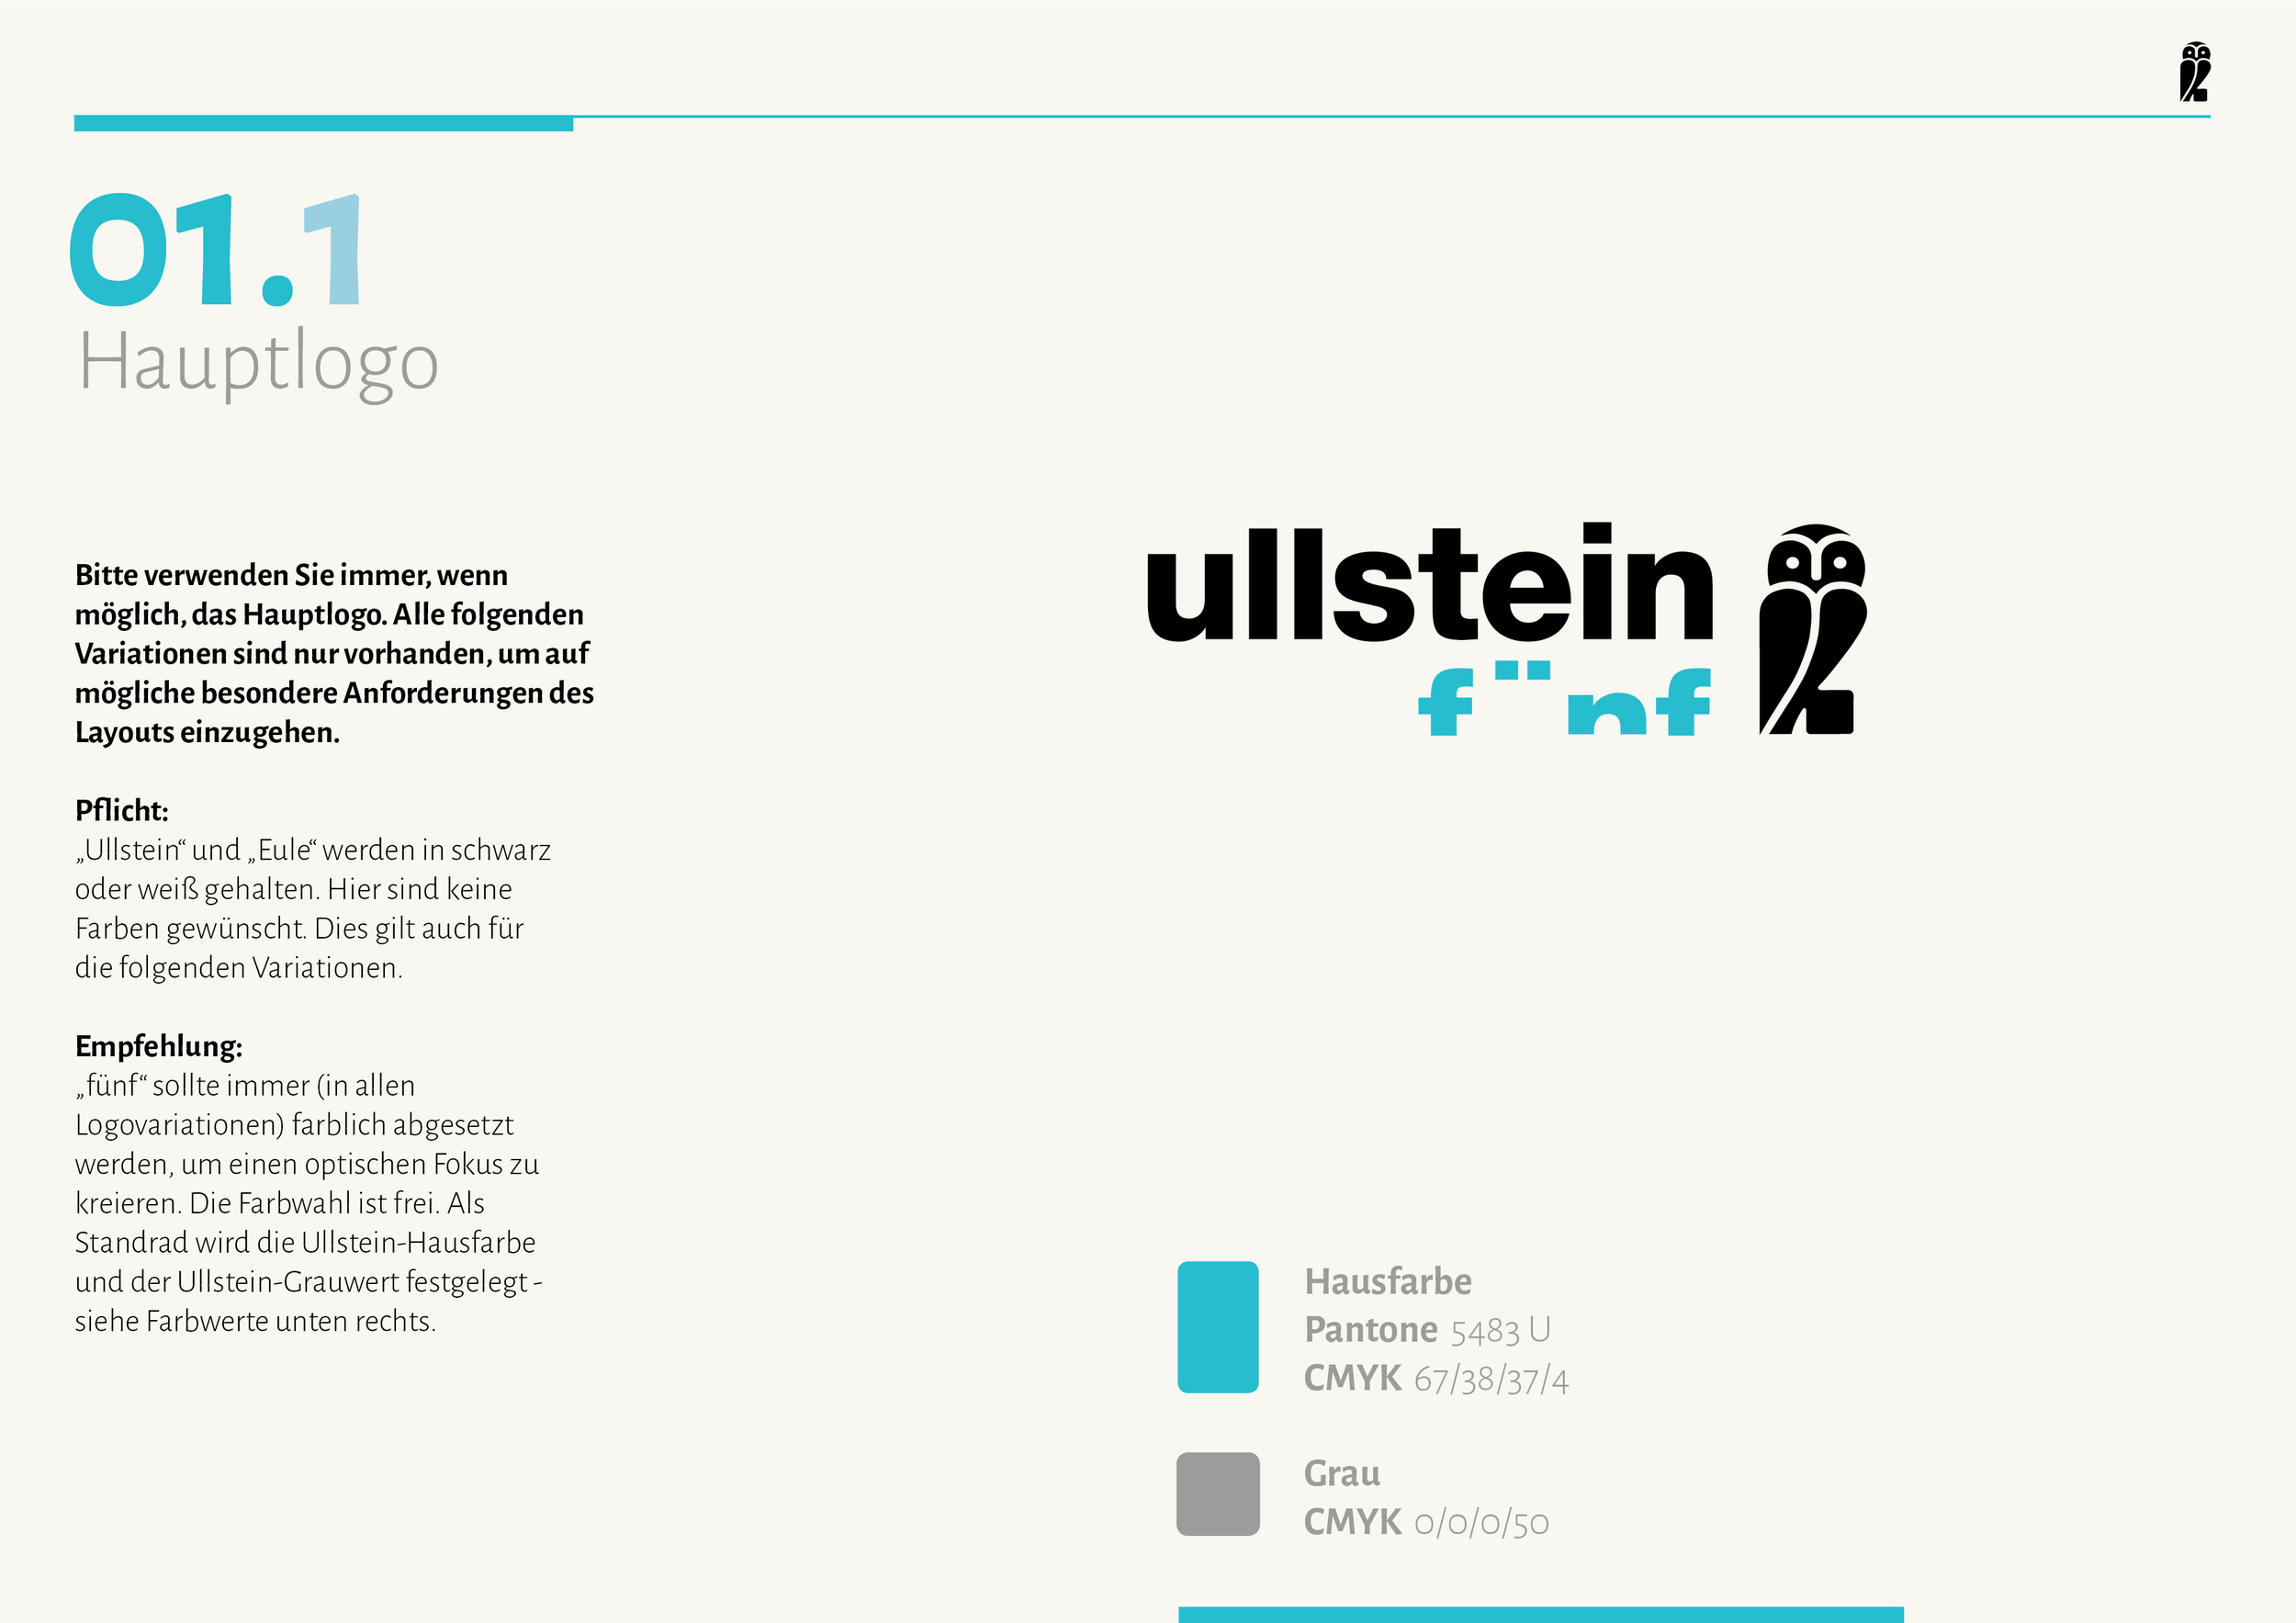 130516_Ullstein 5 Styleguide3.jpg